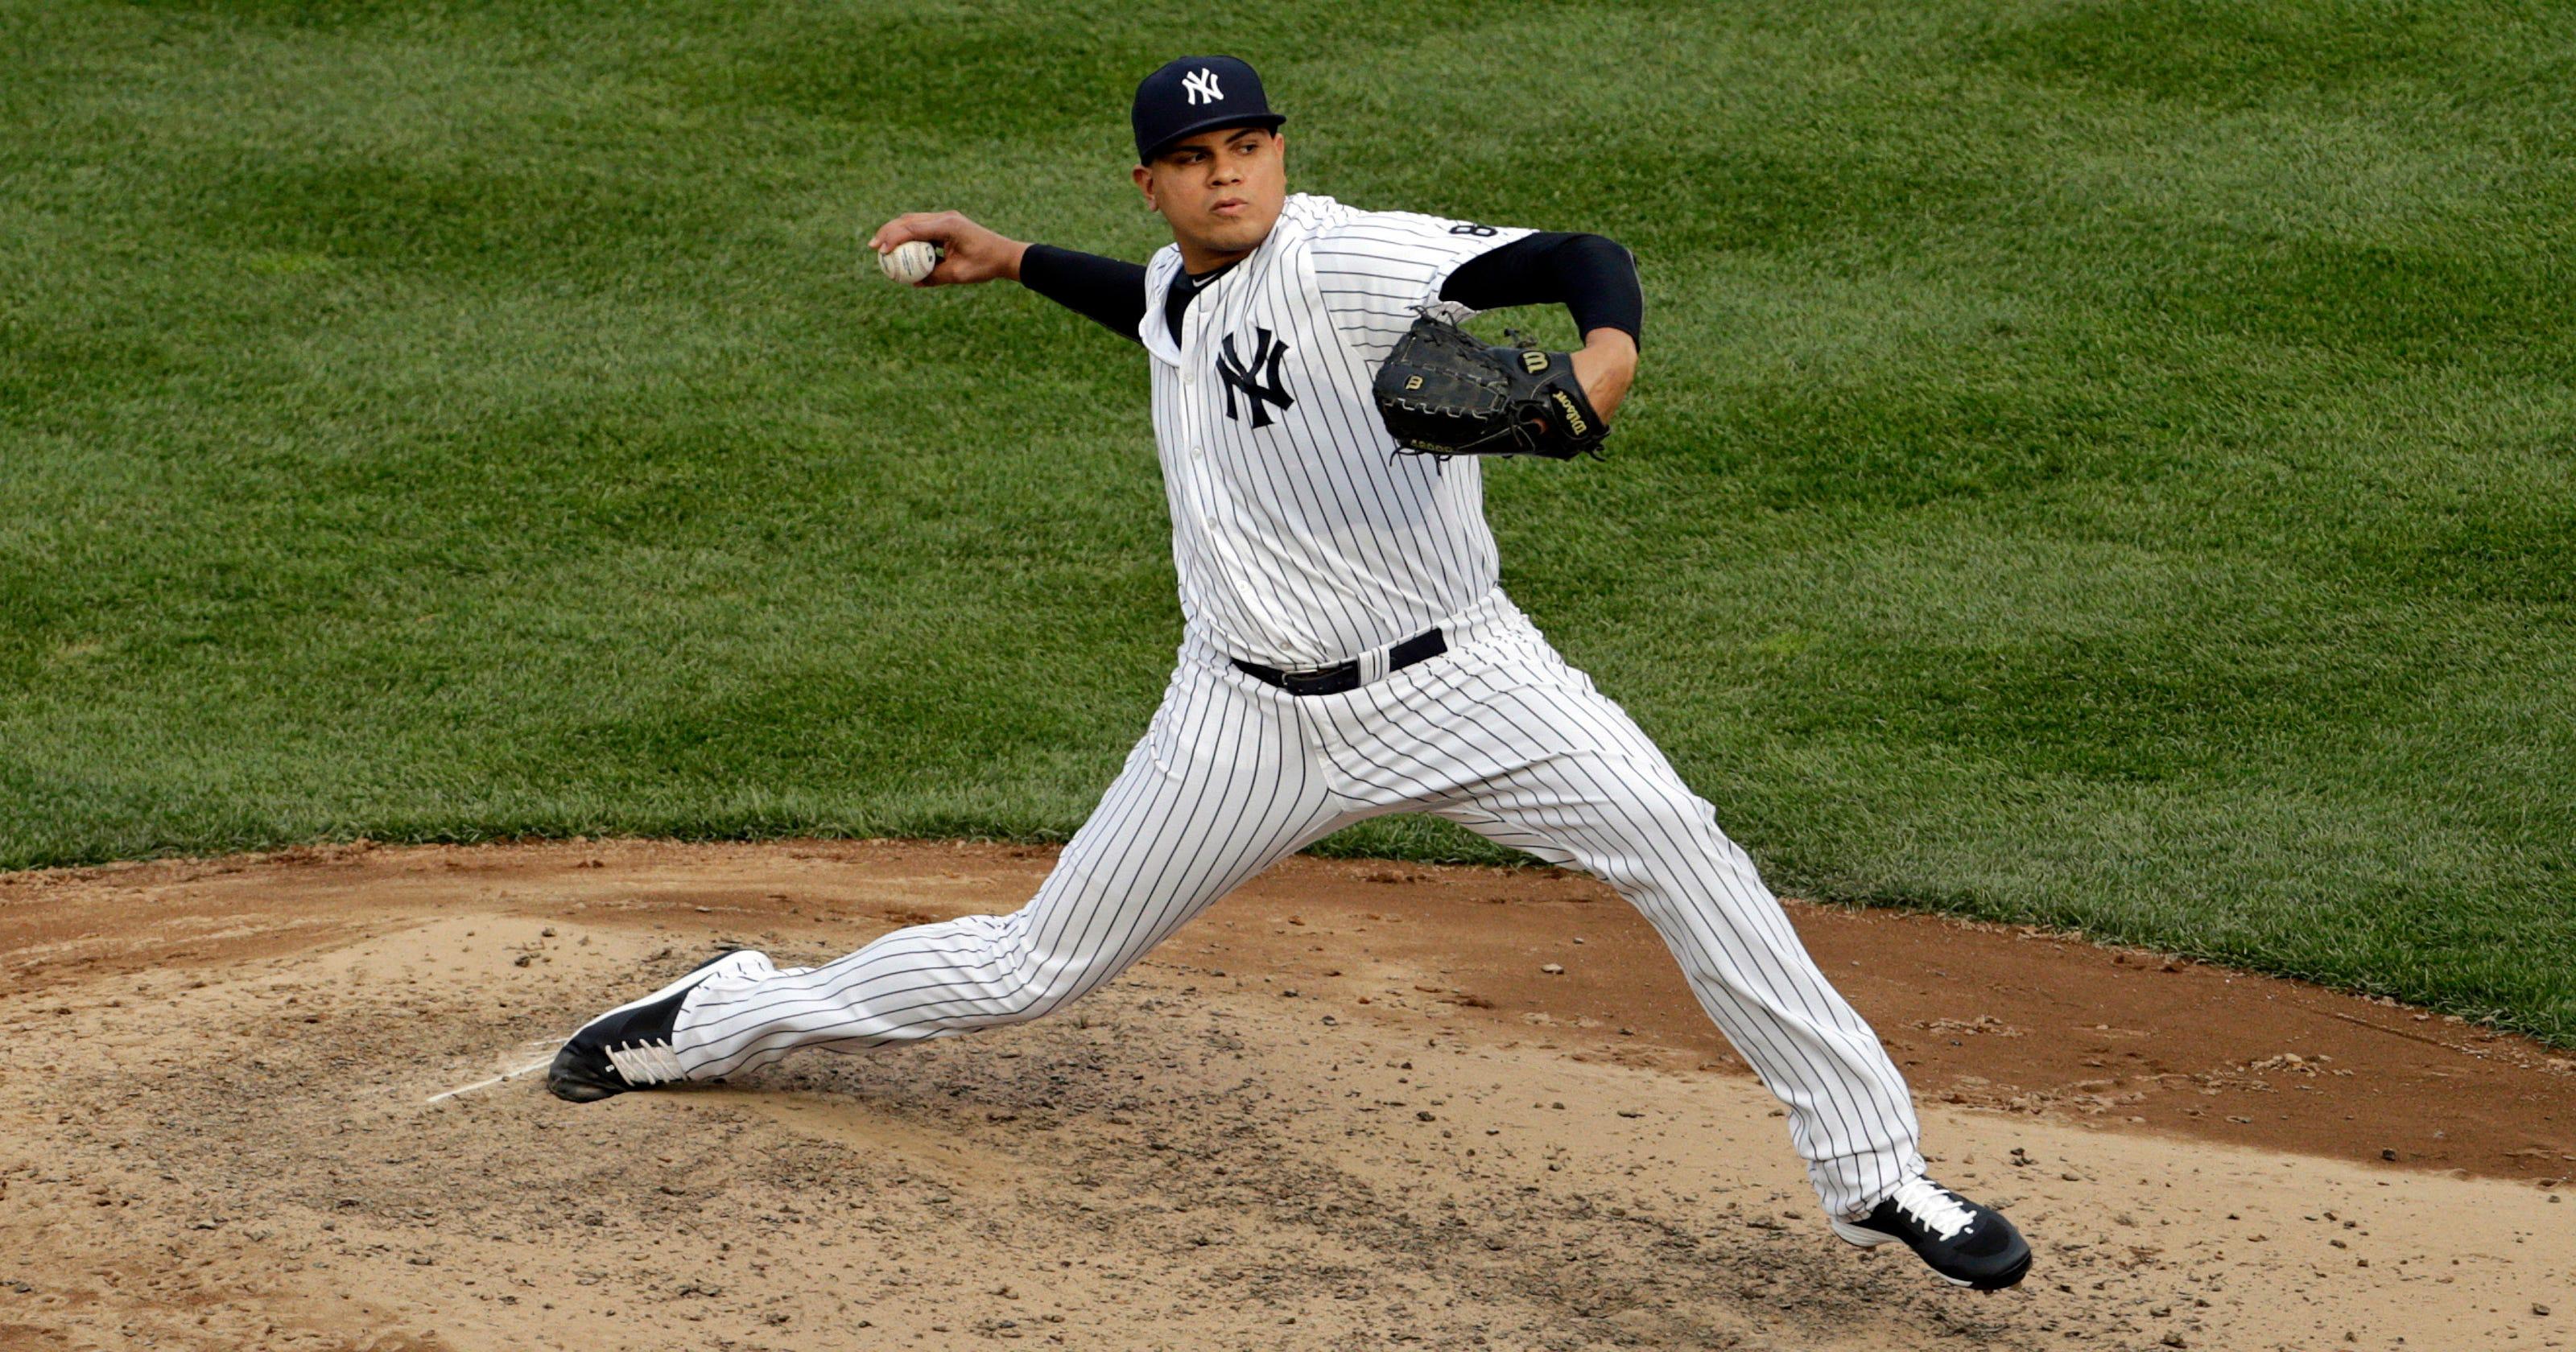 011375cf7 If Yankees don't win, Dellin Betances, Andrew Miller, Aroldis Chapman may  break up